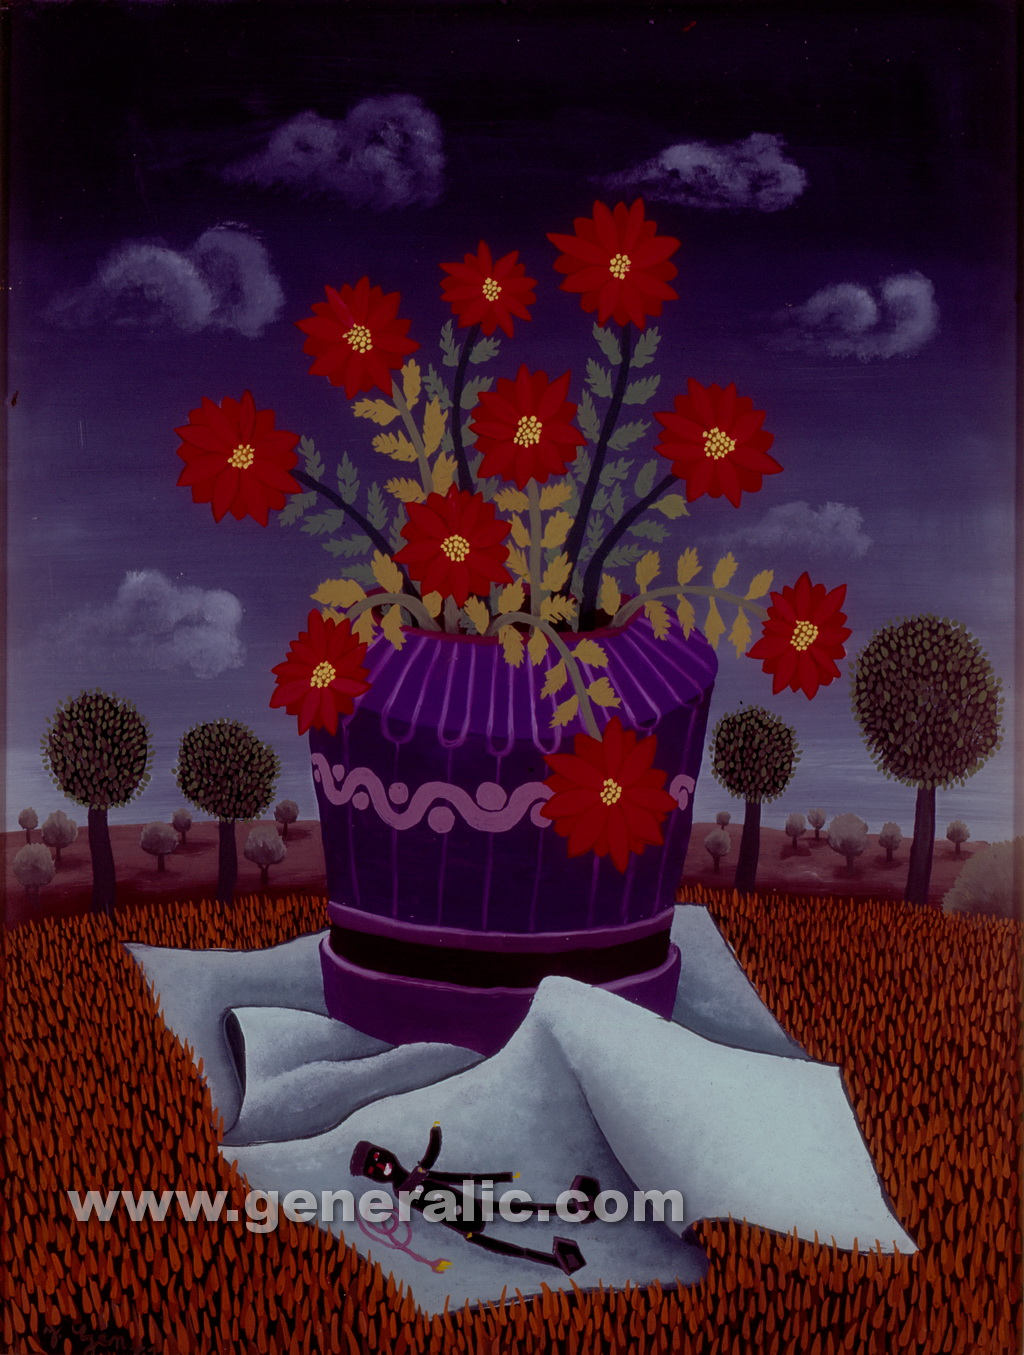 Josip Generalic, 1961, Flowers, oil on glass